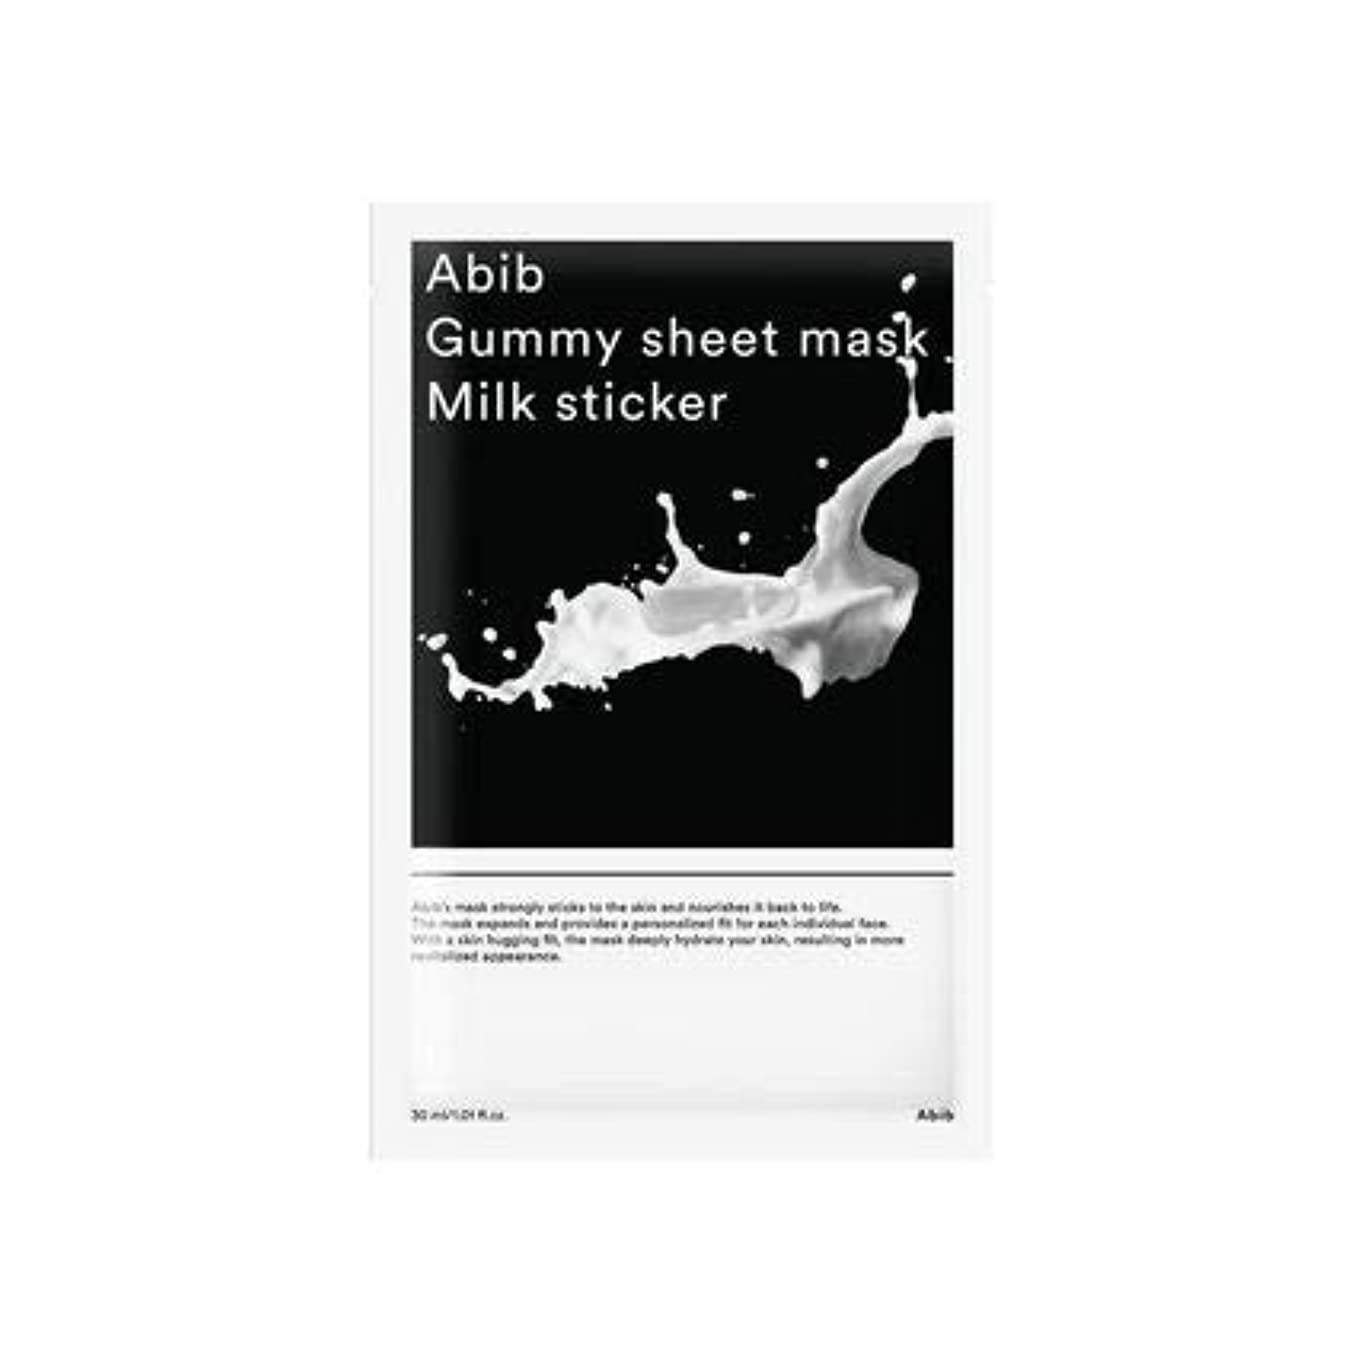 ドール雇った死[Abib] アイブガムのくるみシートマスクミルクステッカー 30mlx10枚 / ABIB GUMMY SHEET MASK MILK STICKER 30mlx10EA [並行輸入品]